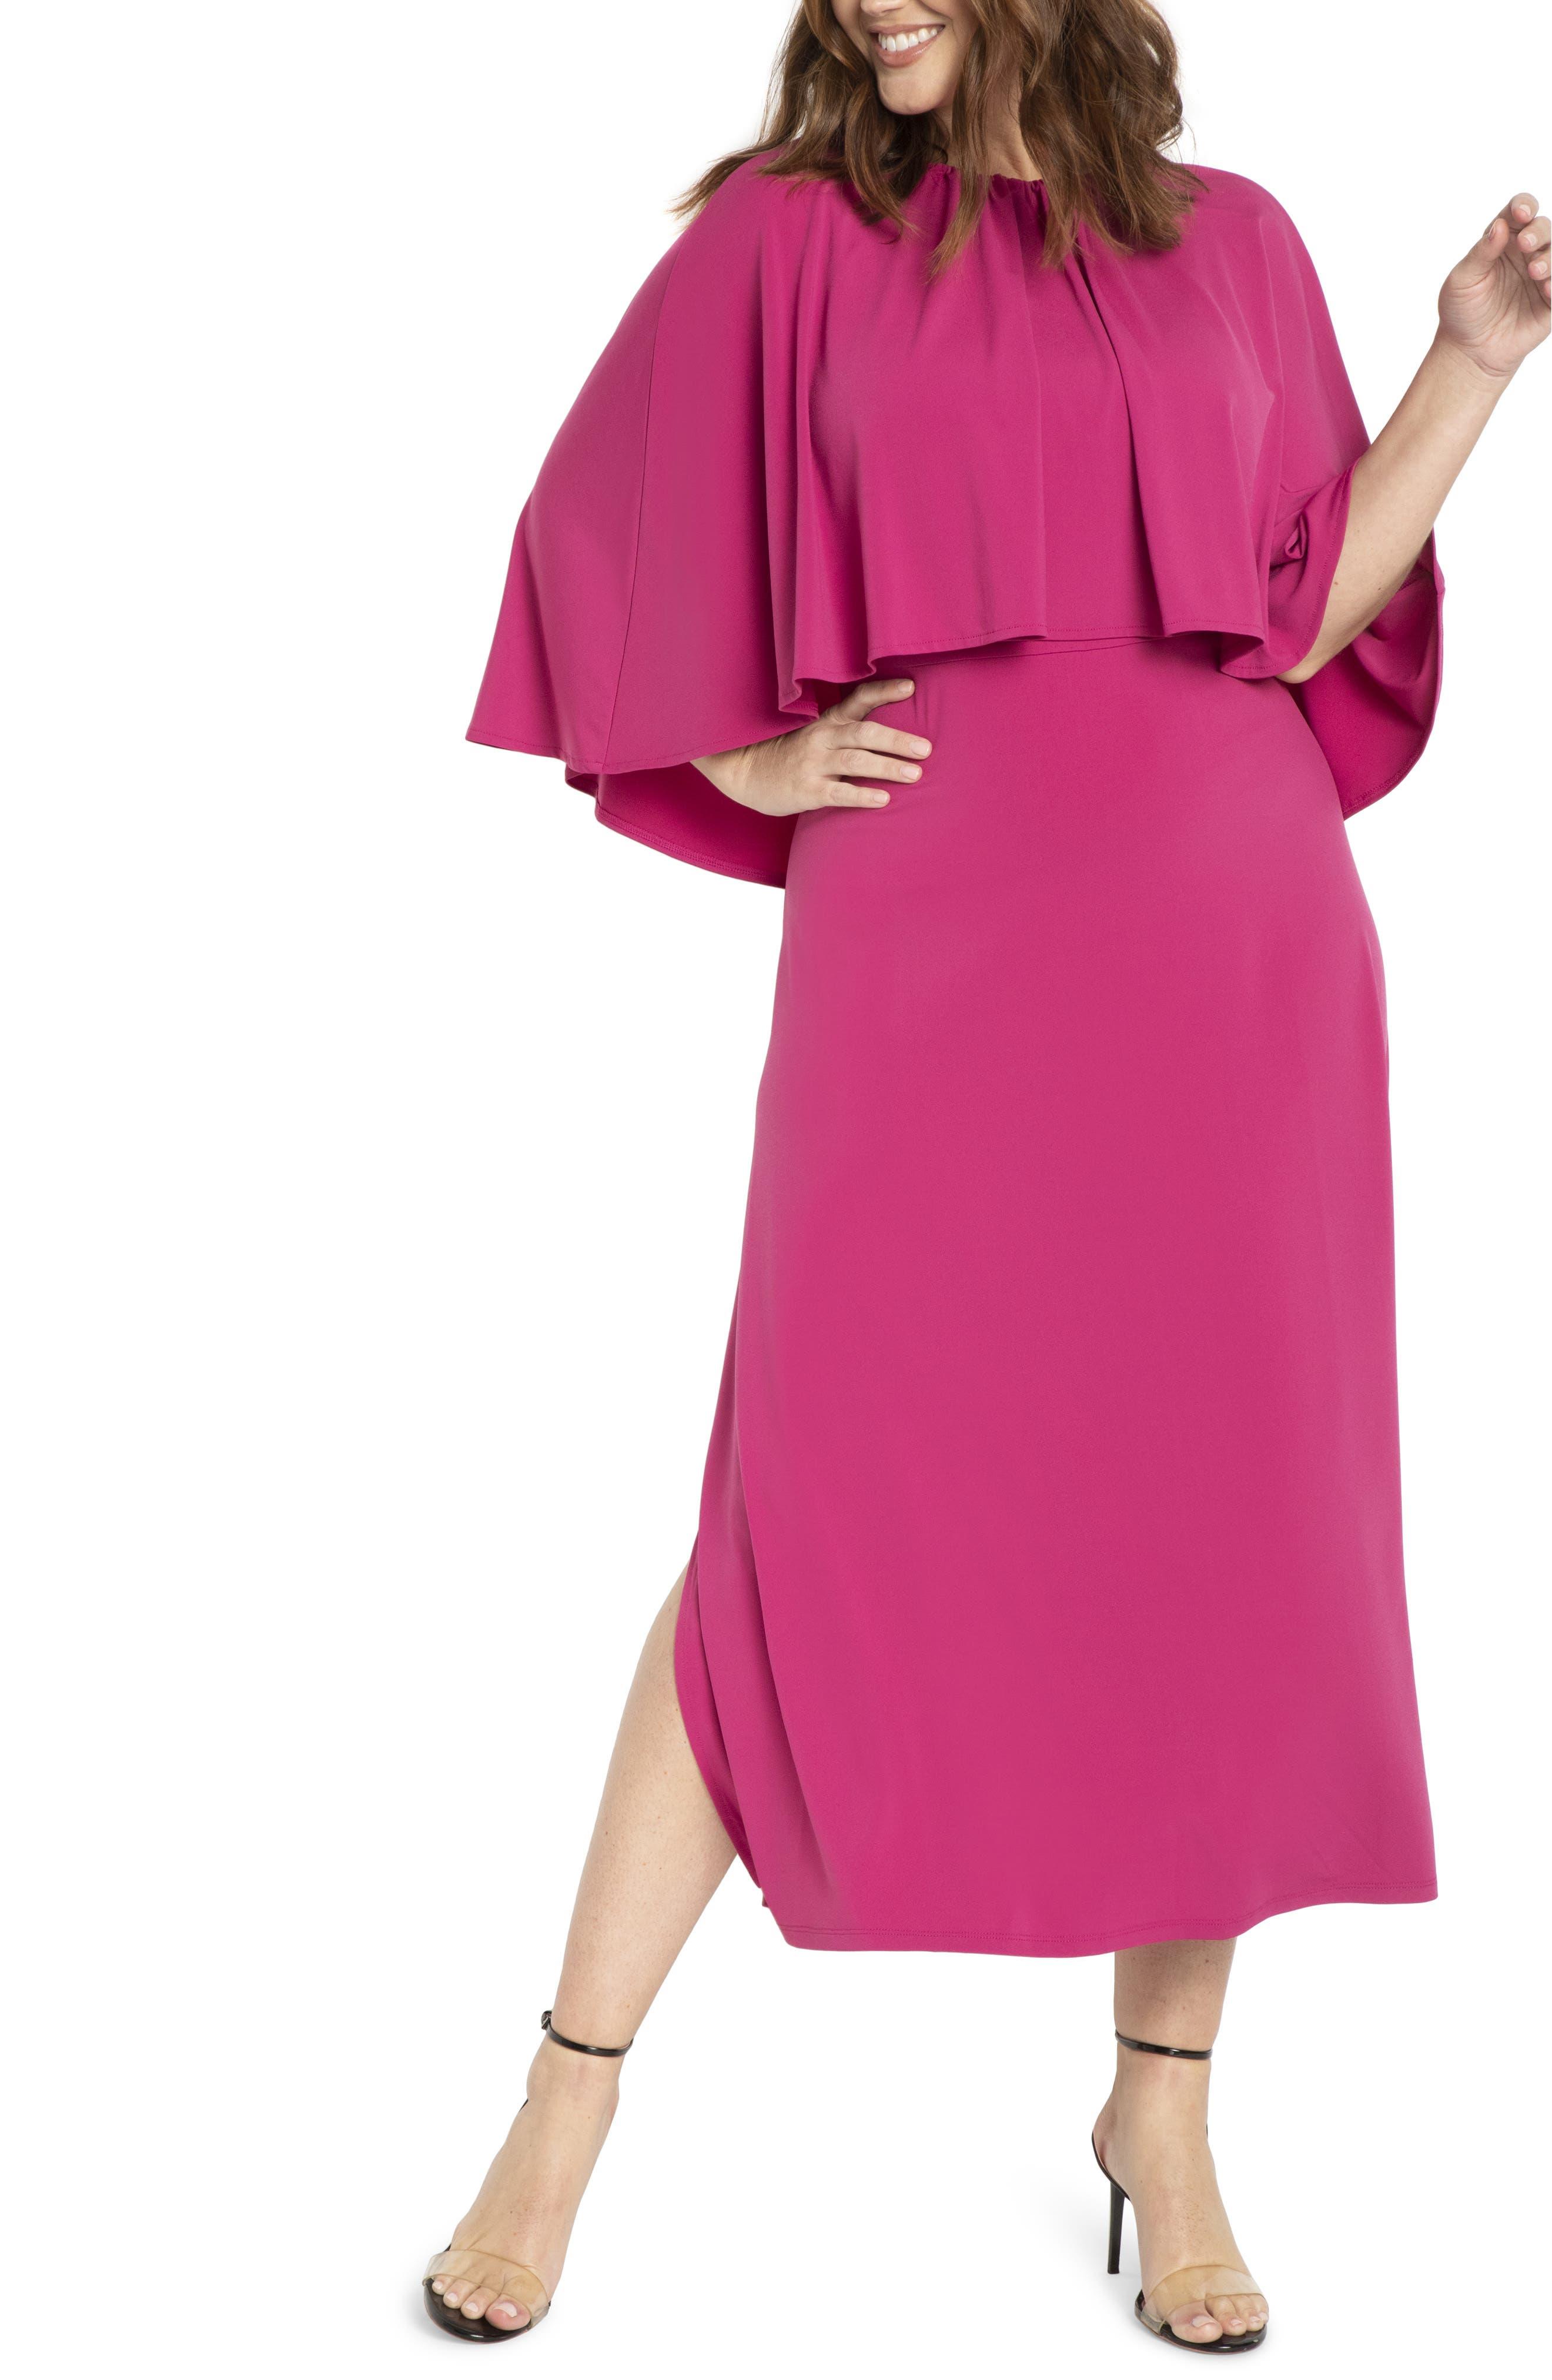 Cape Detail Side Slit Dress